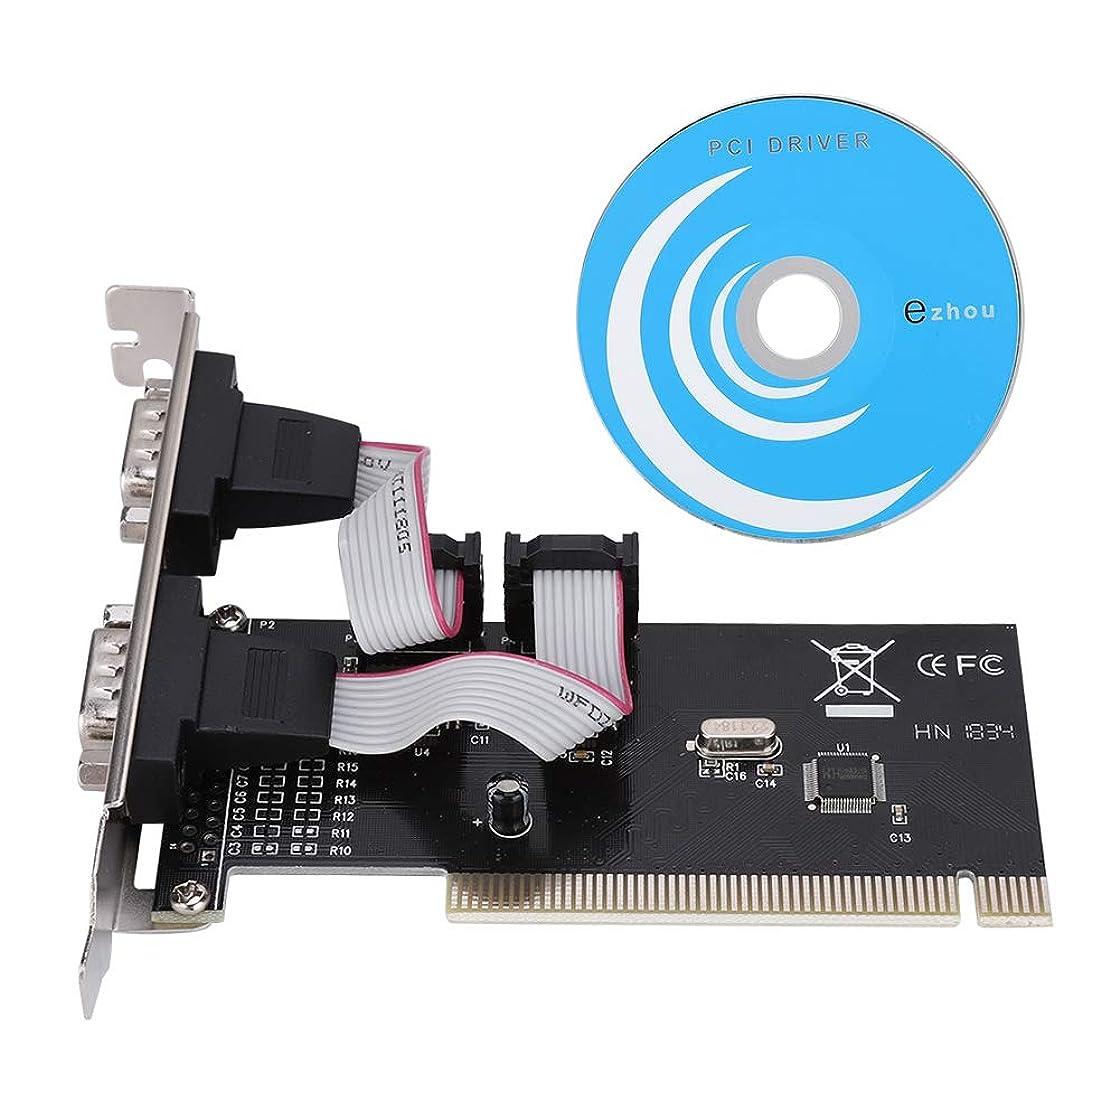 PCIデスクトップDB9シリアルインターフェイス ASHATA PCI-シリアルDB9 R232 2ポートコントローラーアダプターカード Windows 2000/2003 / XPオペレーティングシステム用 シリアルCOMインターフェイスカードx 2